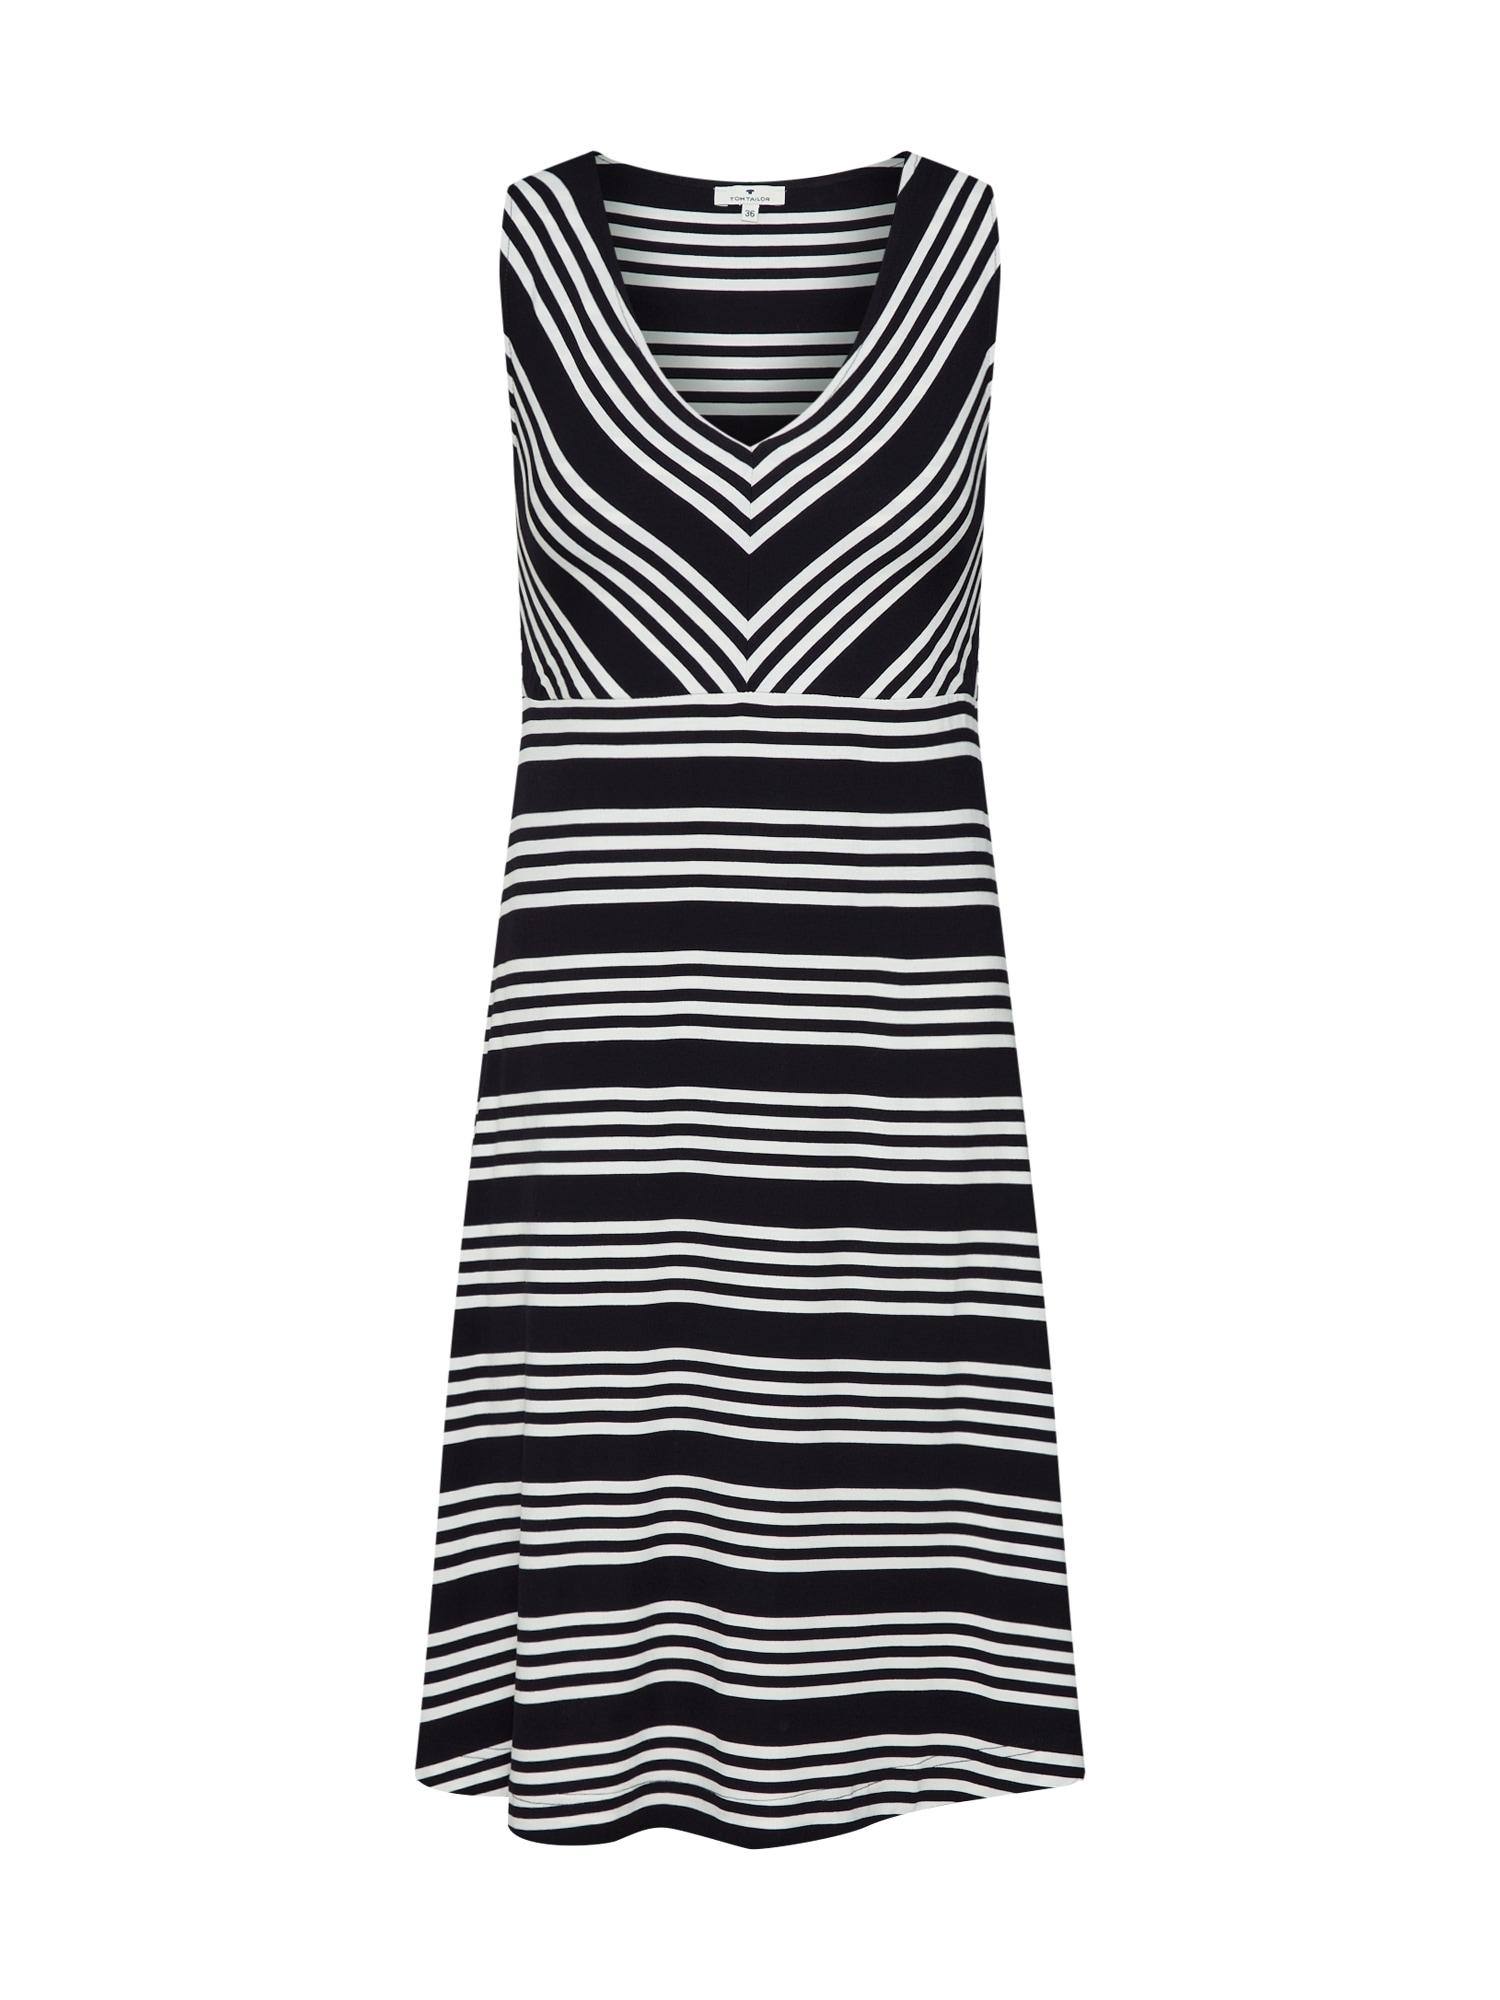 Letní šaty černá bílá TOM TAILOR